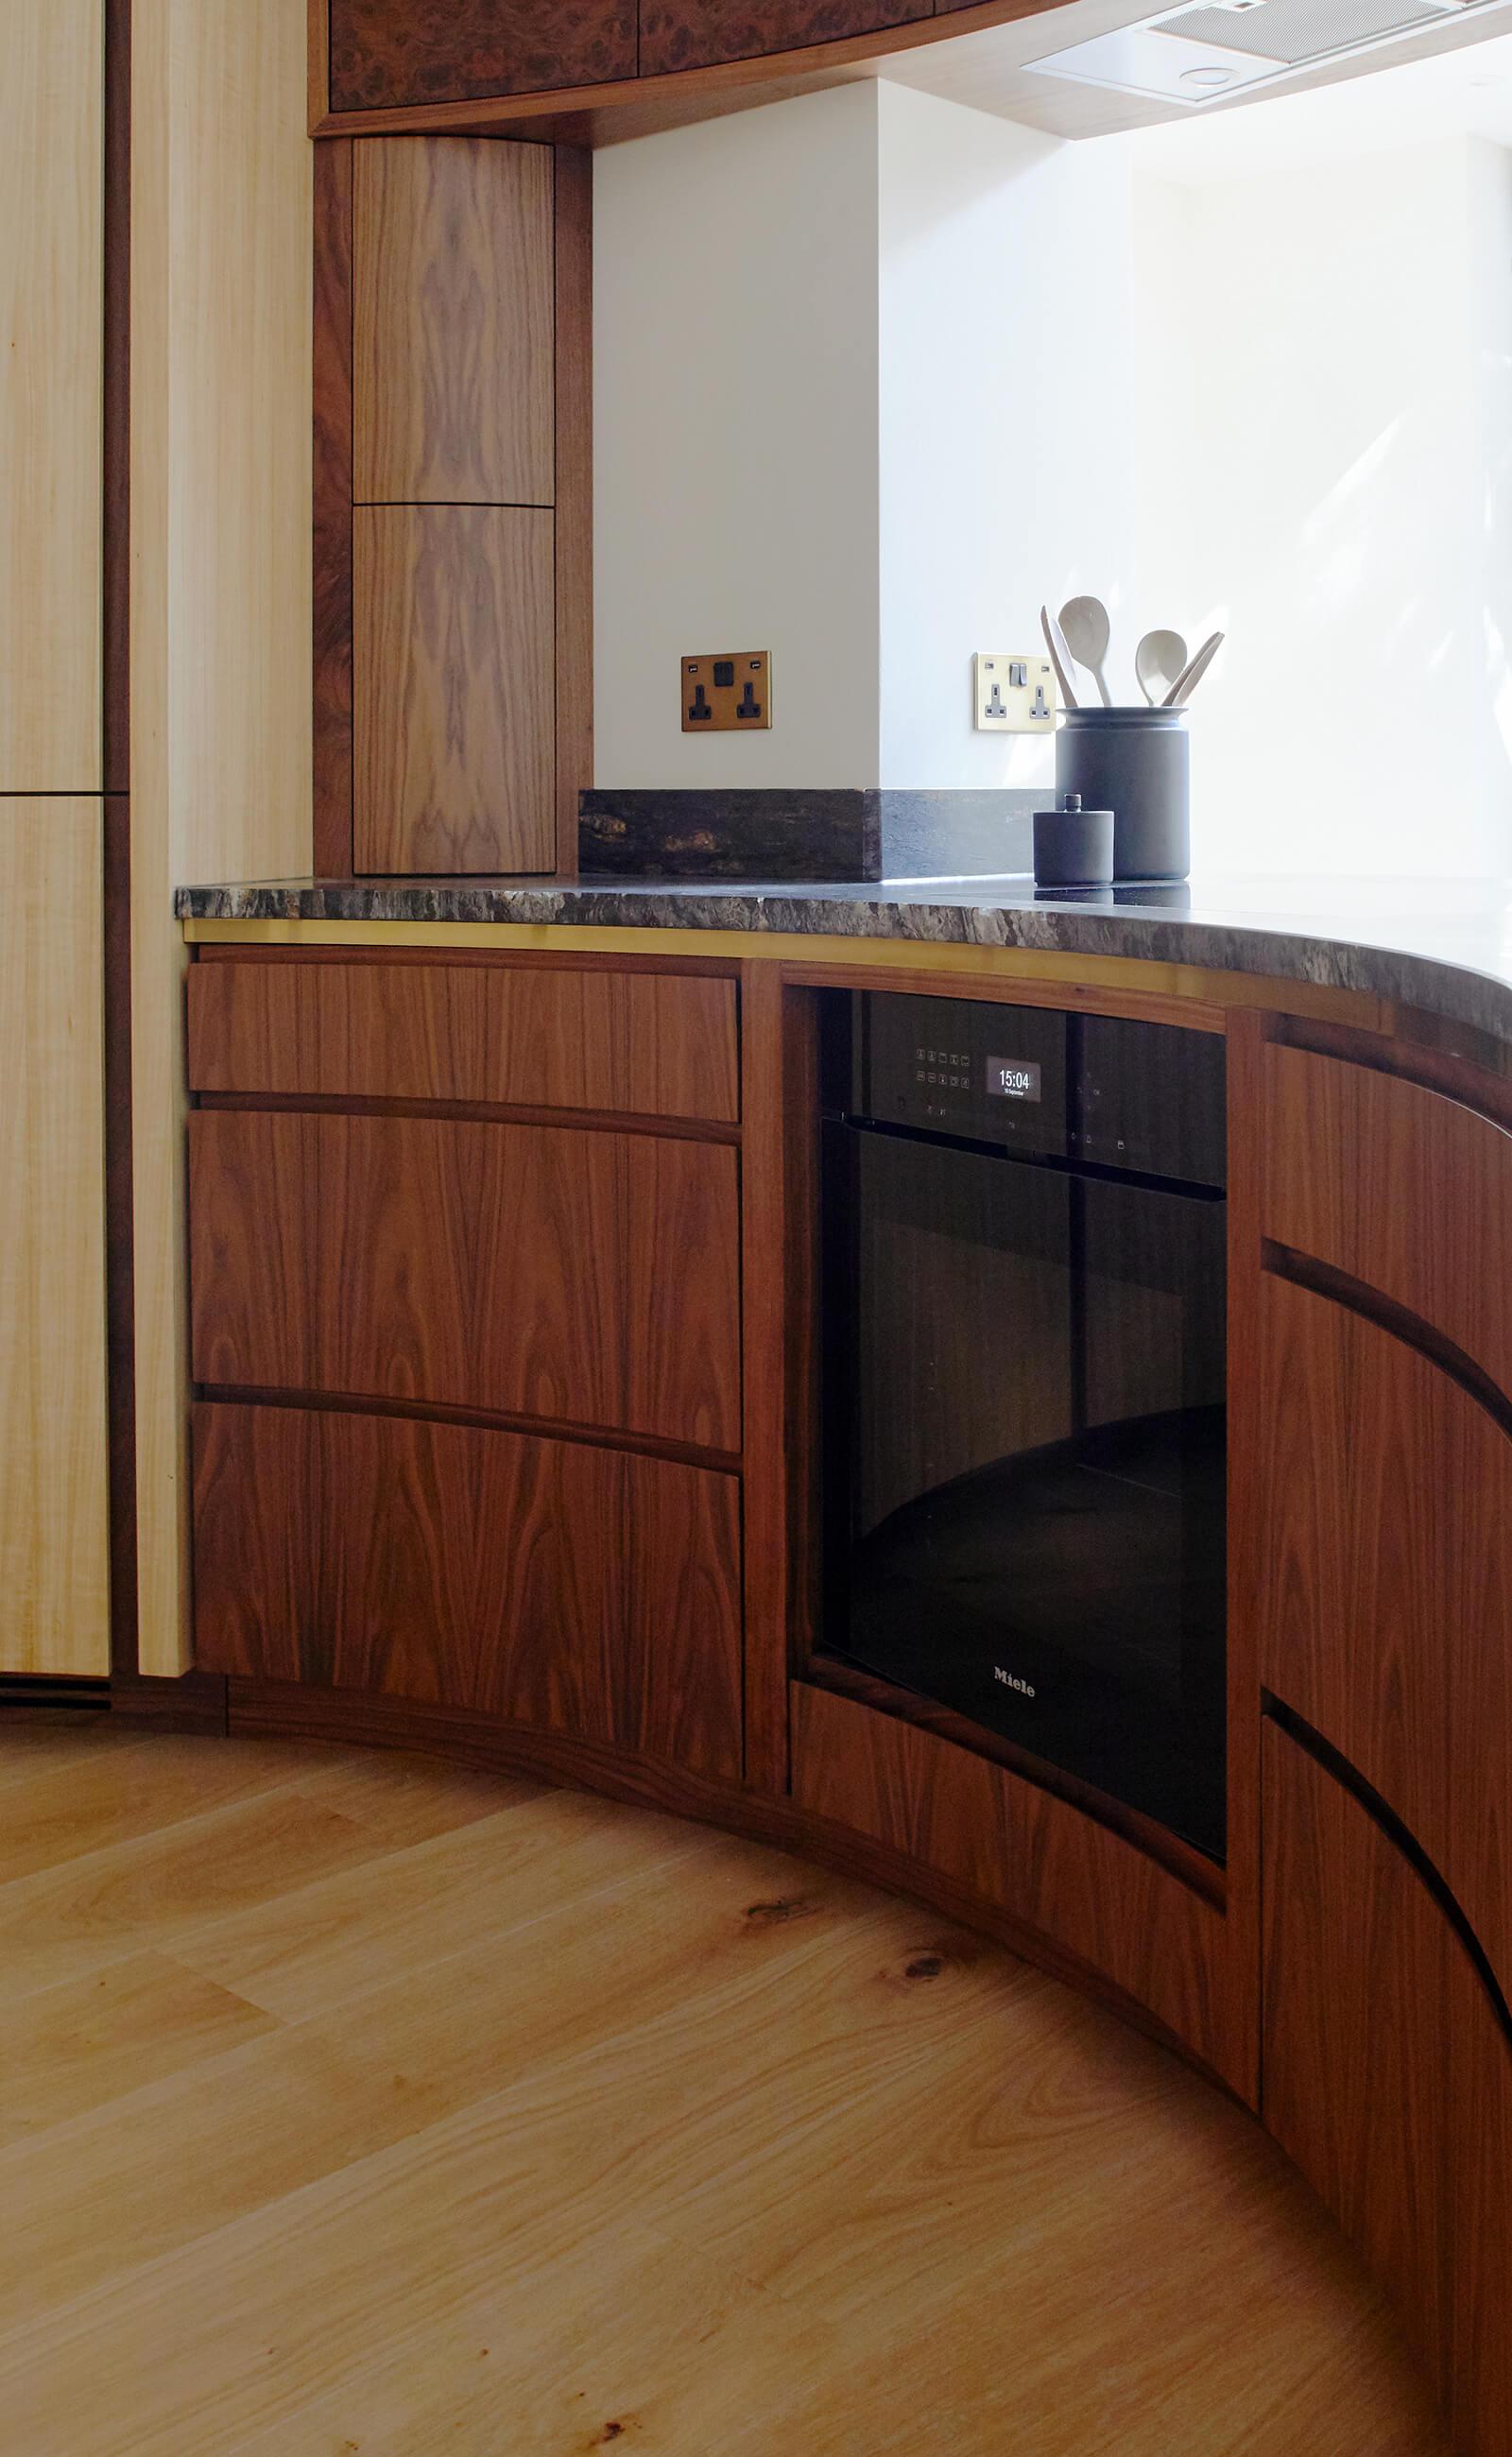 clever storage in the curved kitchen design by Splinterworks